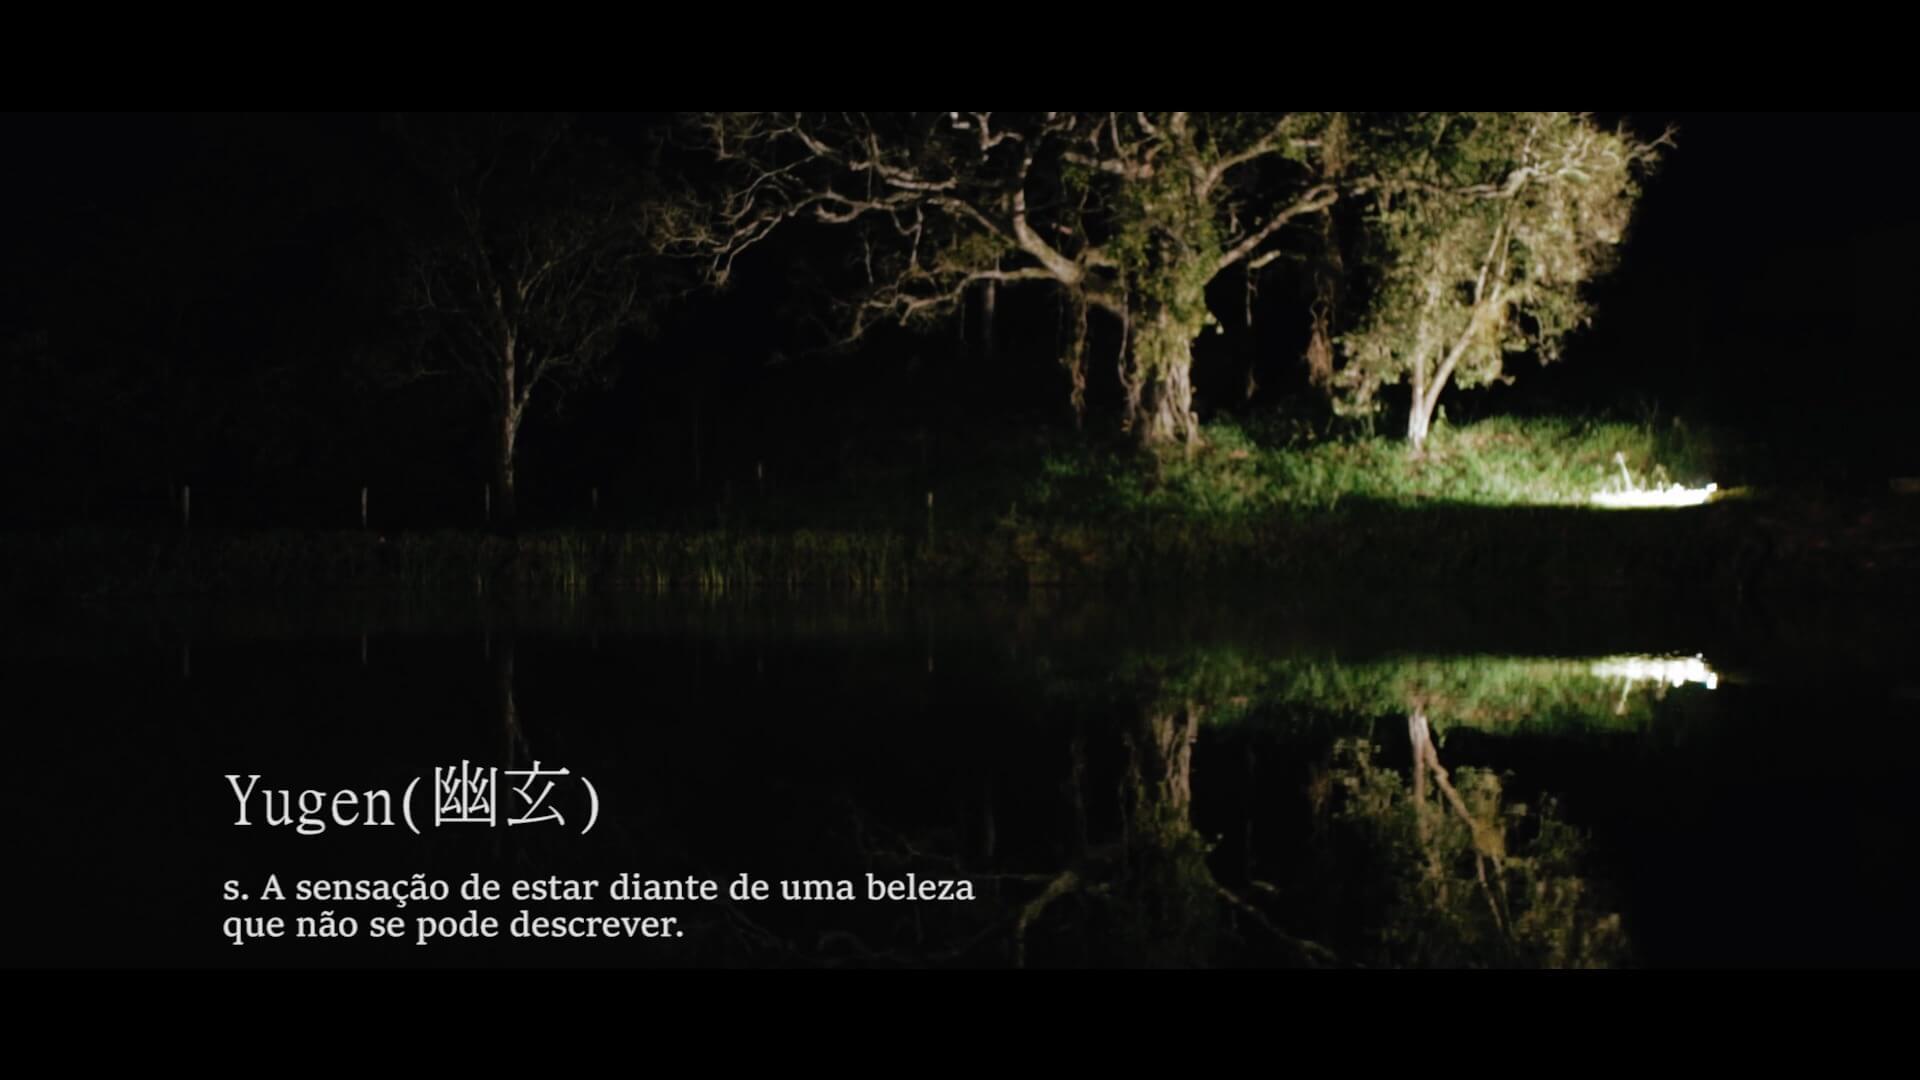 casamento_budista_monja_cohen (1)